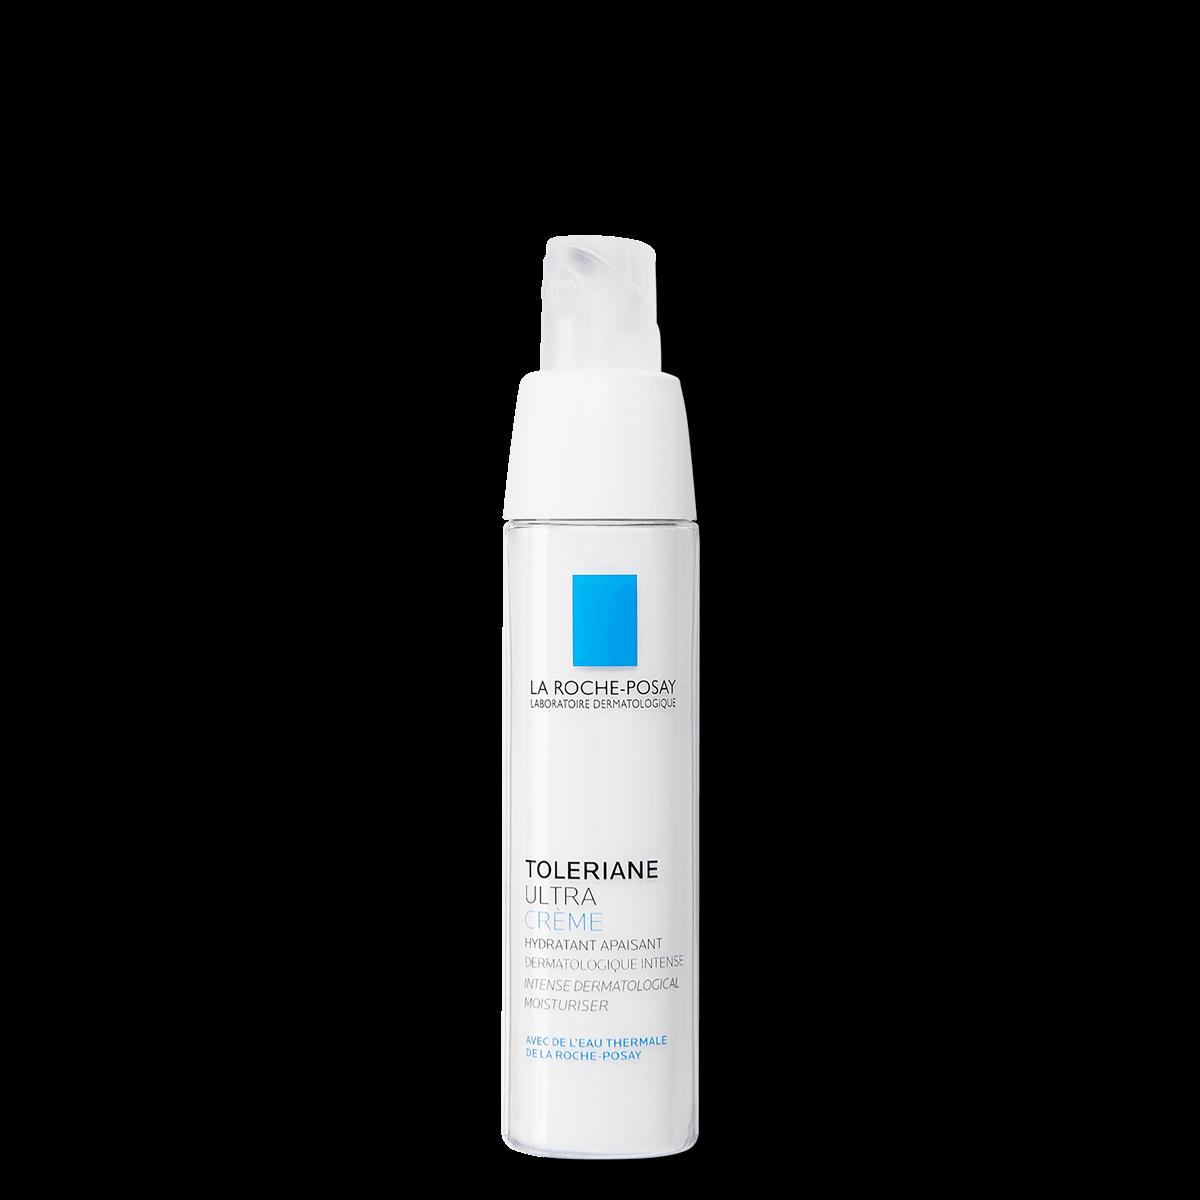 LaRochePosay Produkt Alergická Toleriane UltraKrém 40ml 3337872412486 FSS 2